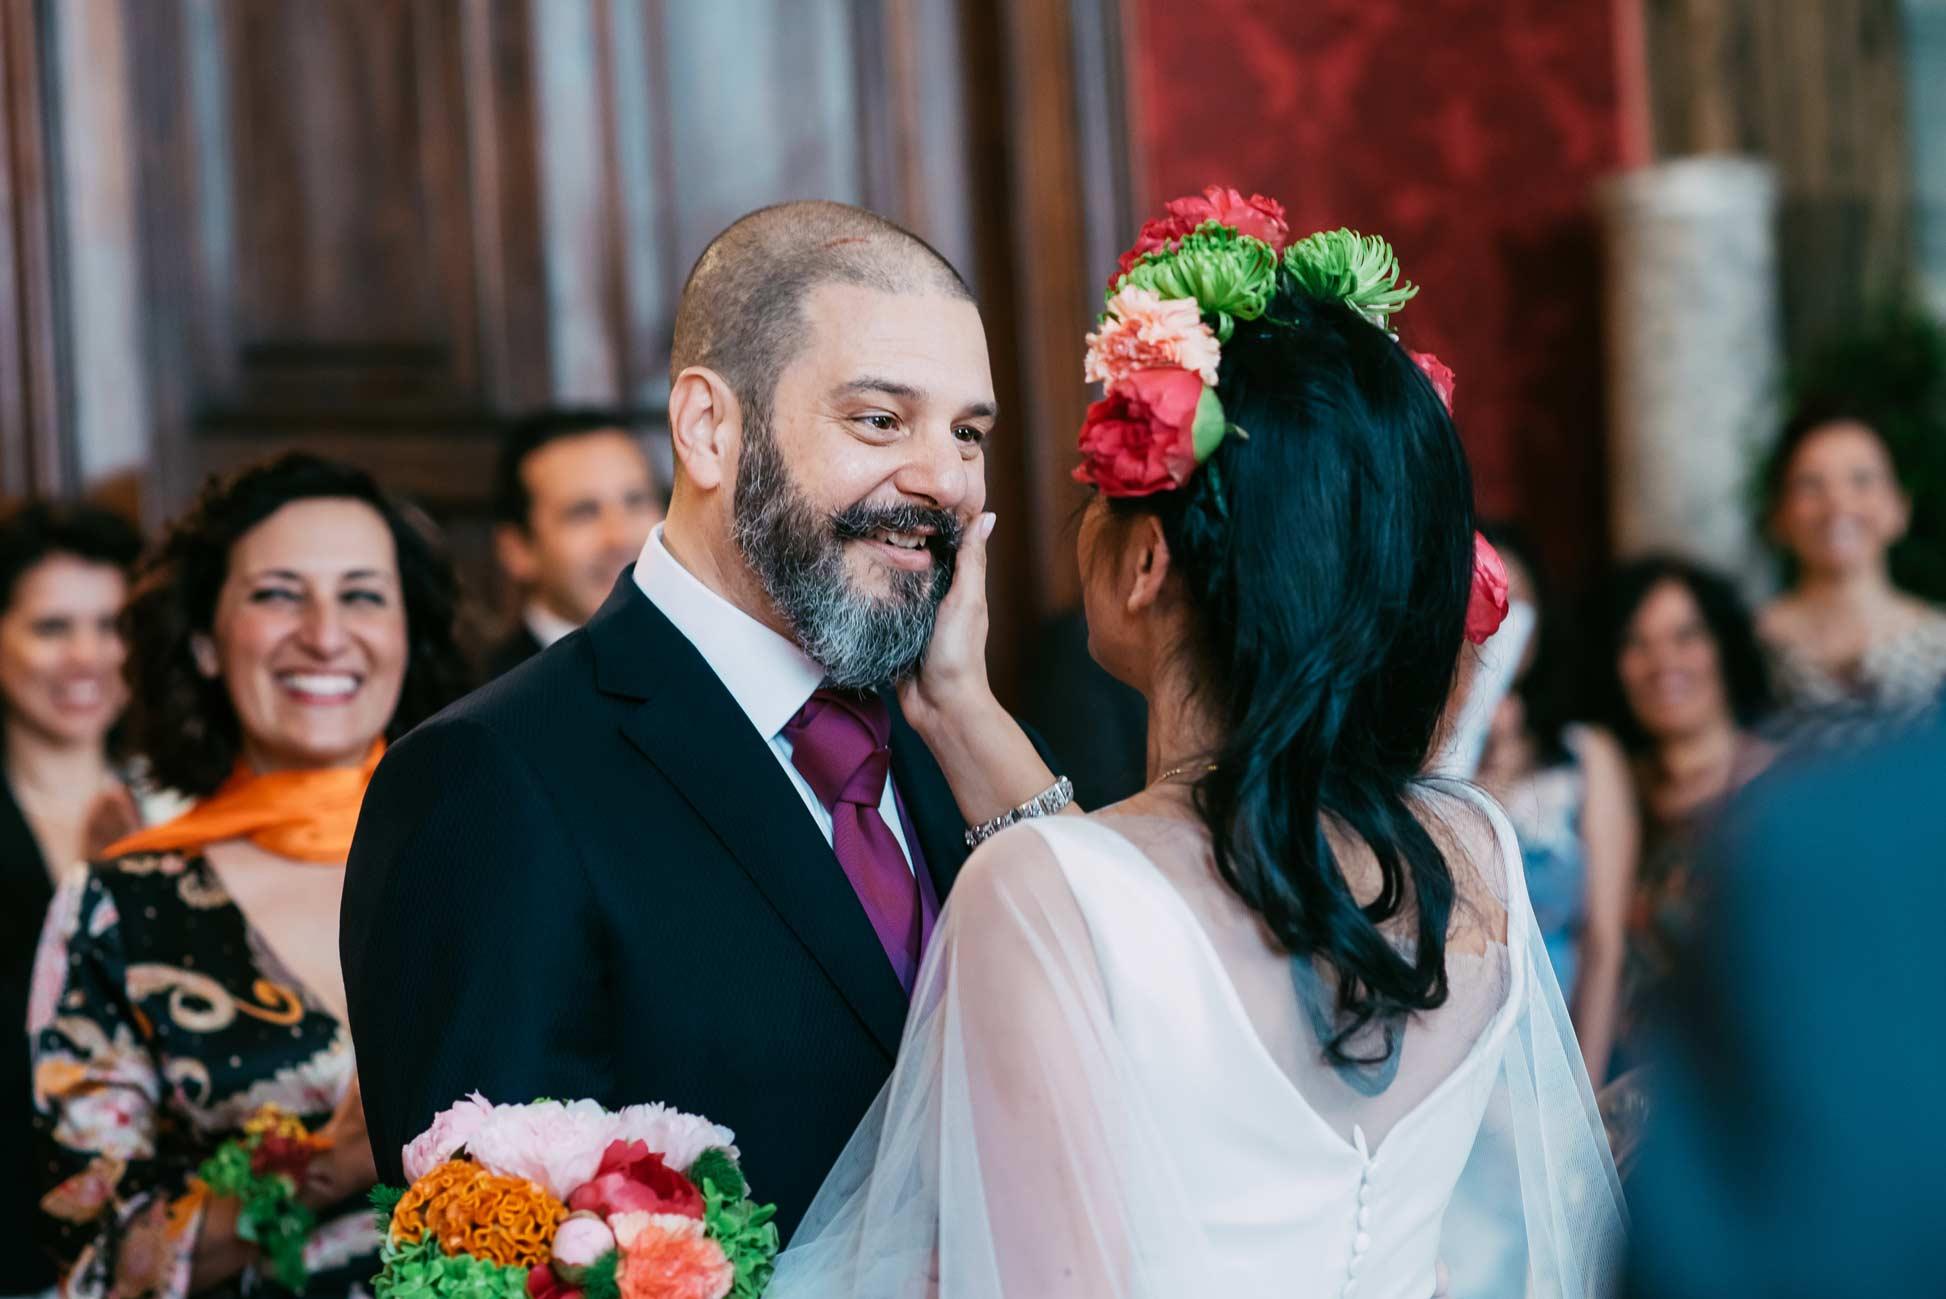 Reportage-Di-Matrimonio-Fotografo-Roma-Cerimonia-1